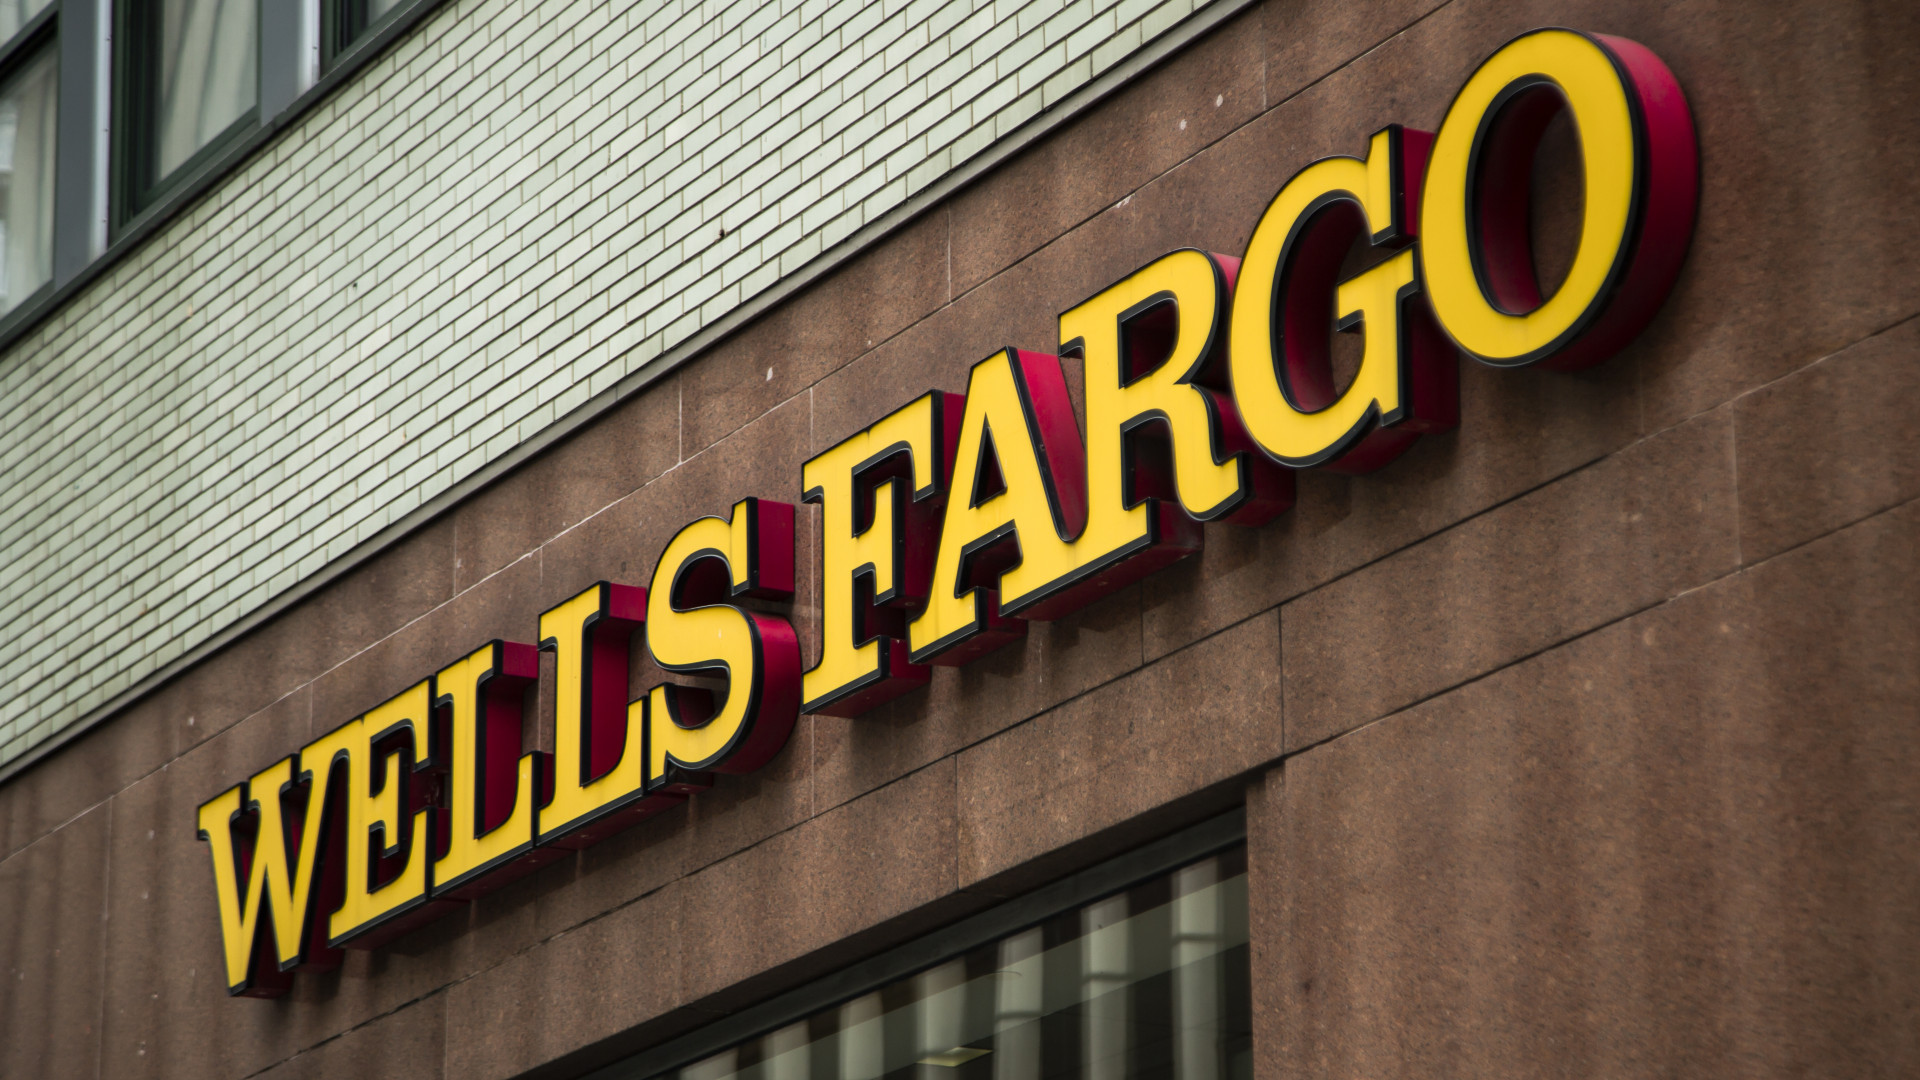 Jelentett a Wells Fargo, megugrott a bank nyeresége